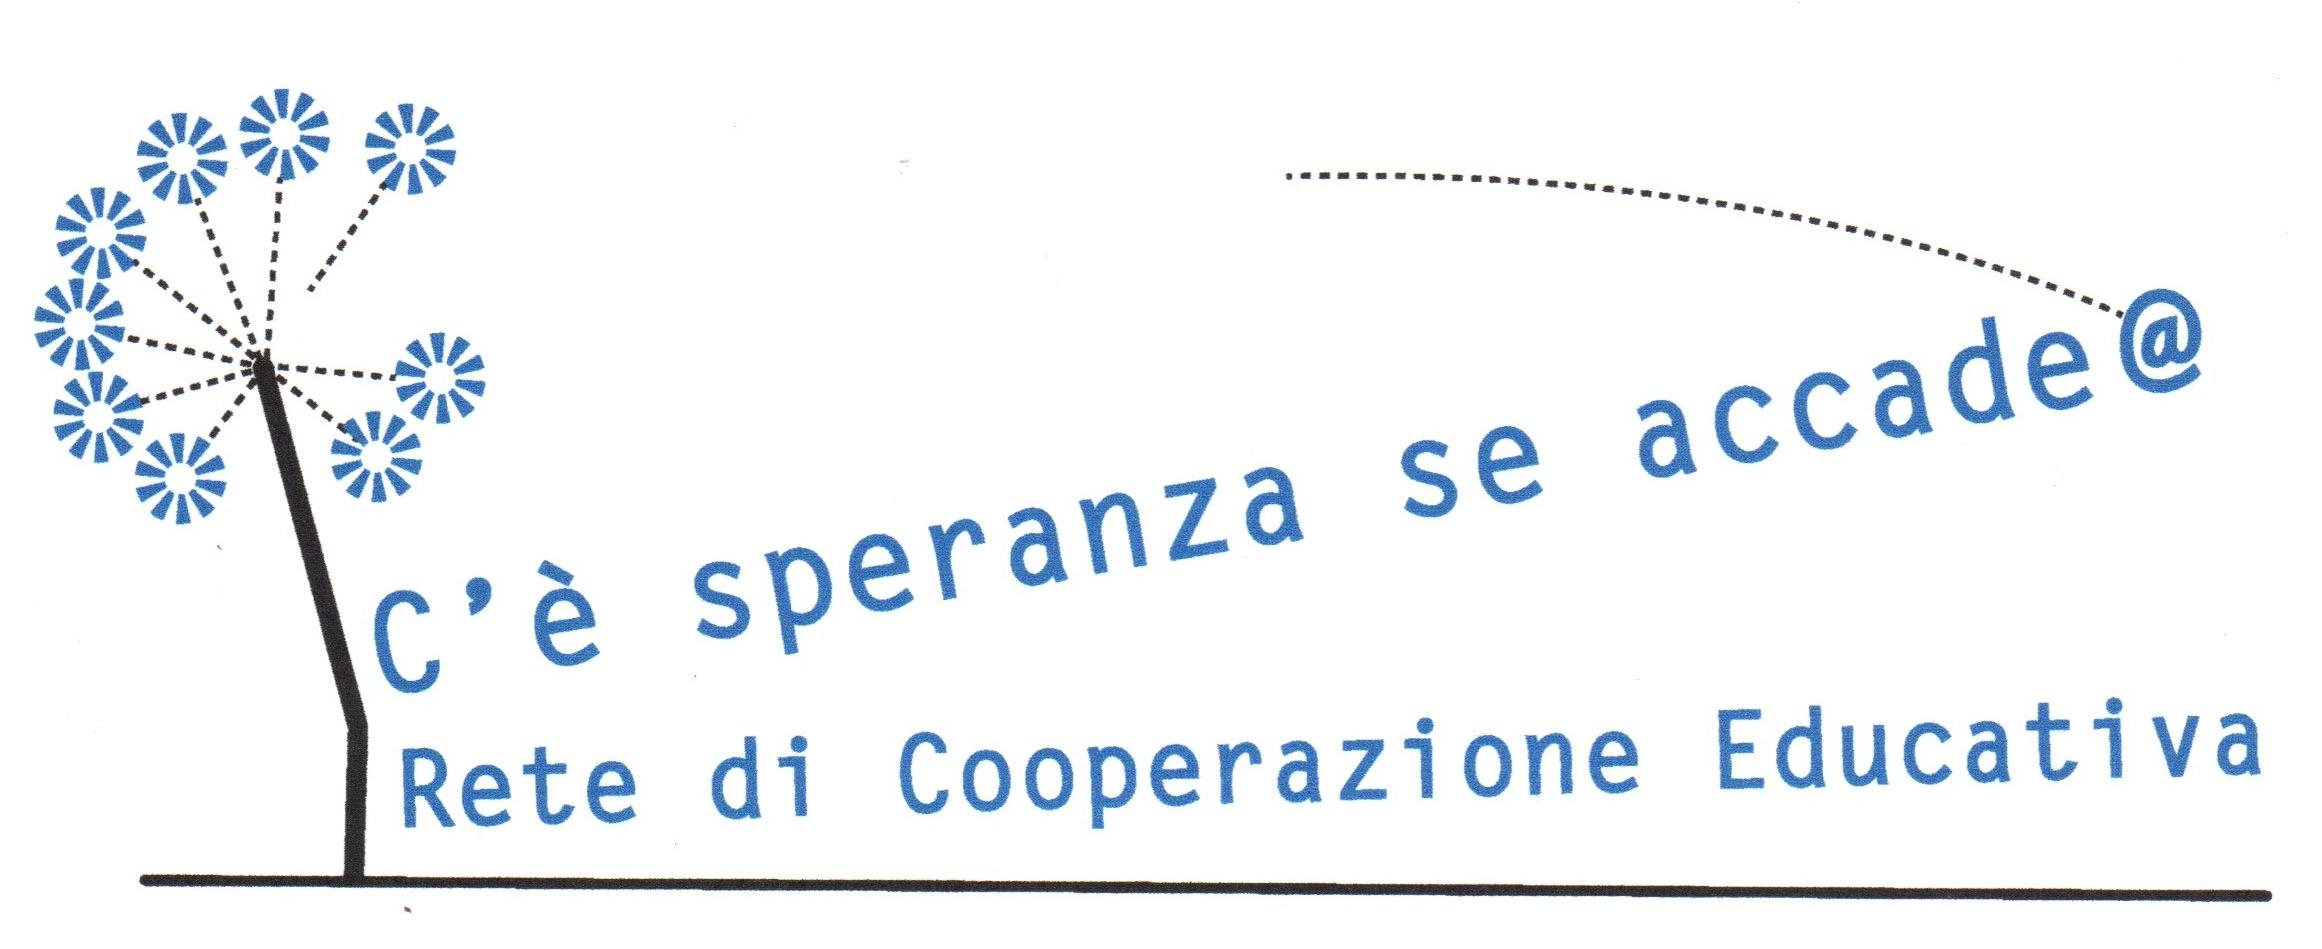 RETE DI COOPERAZIONE EDUCATIVA